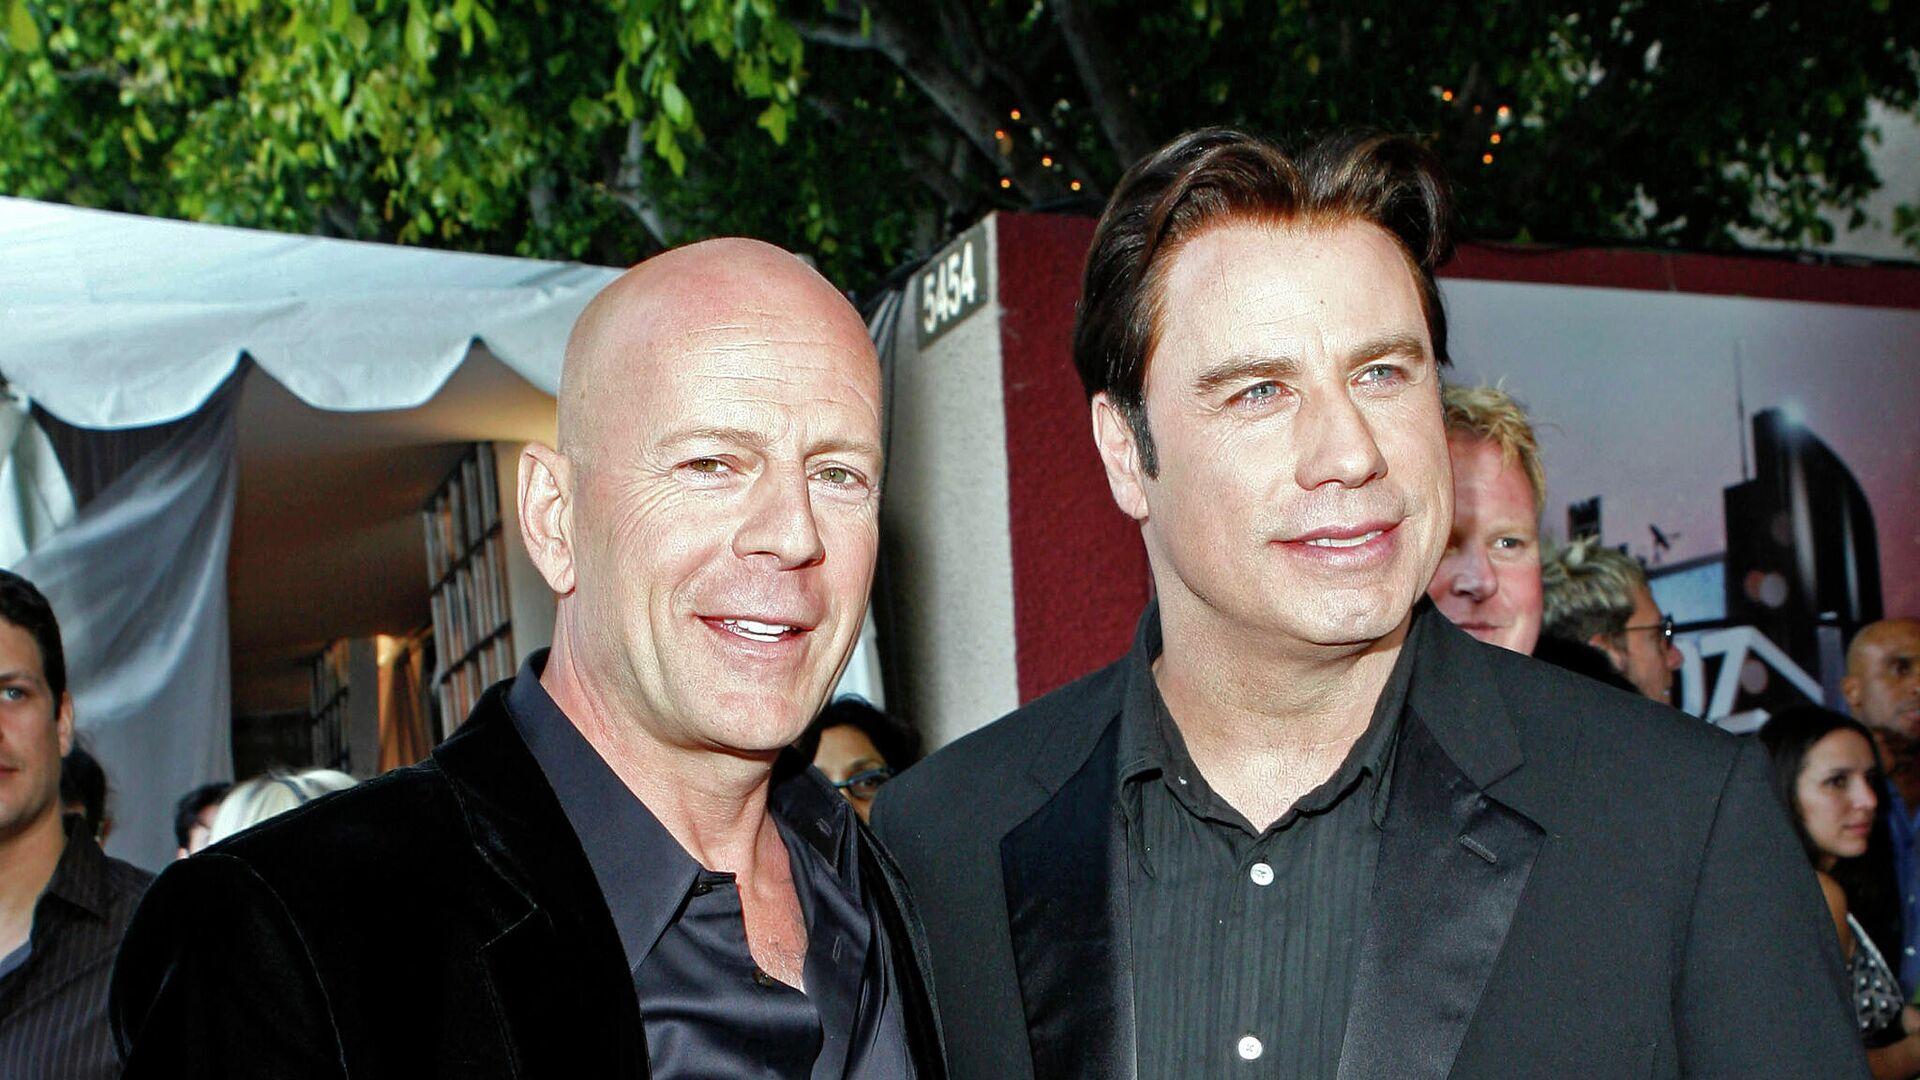 Los actores Bruce Willis y John Travolta en 2007 - Sputnik Mundo, 1920, 17.05.2021